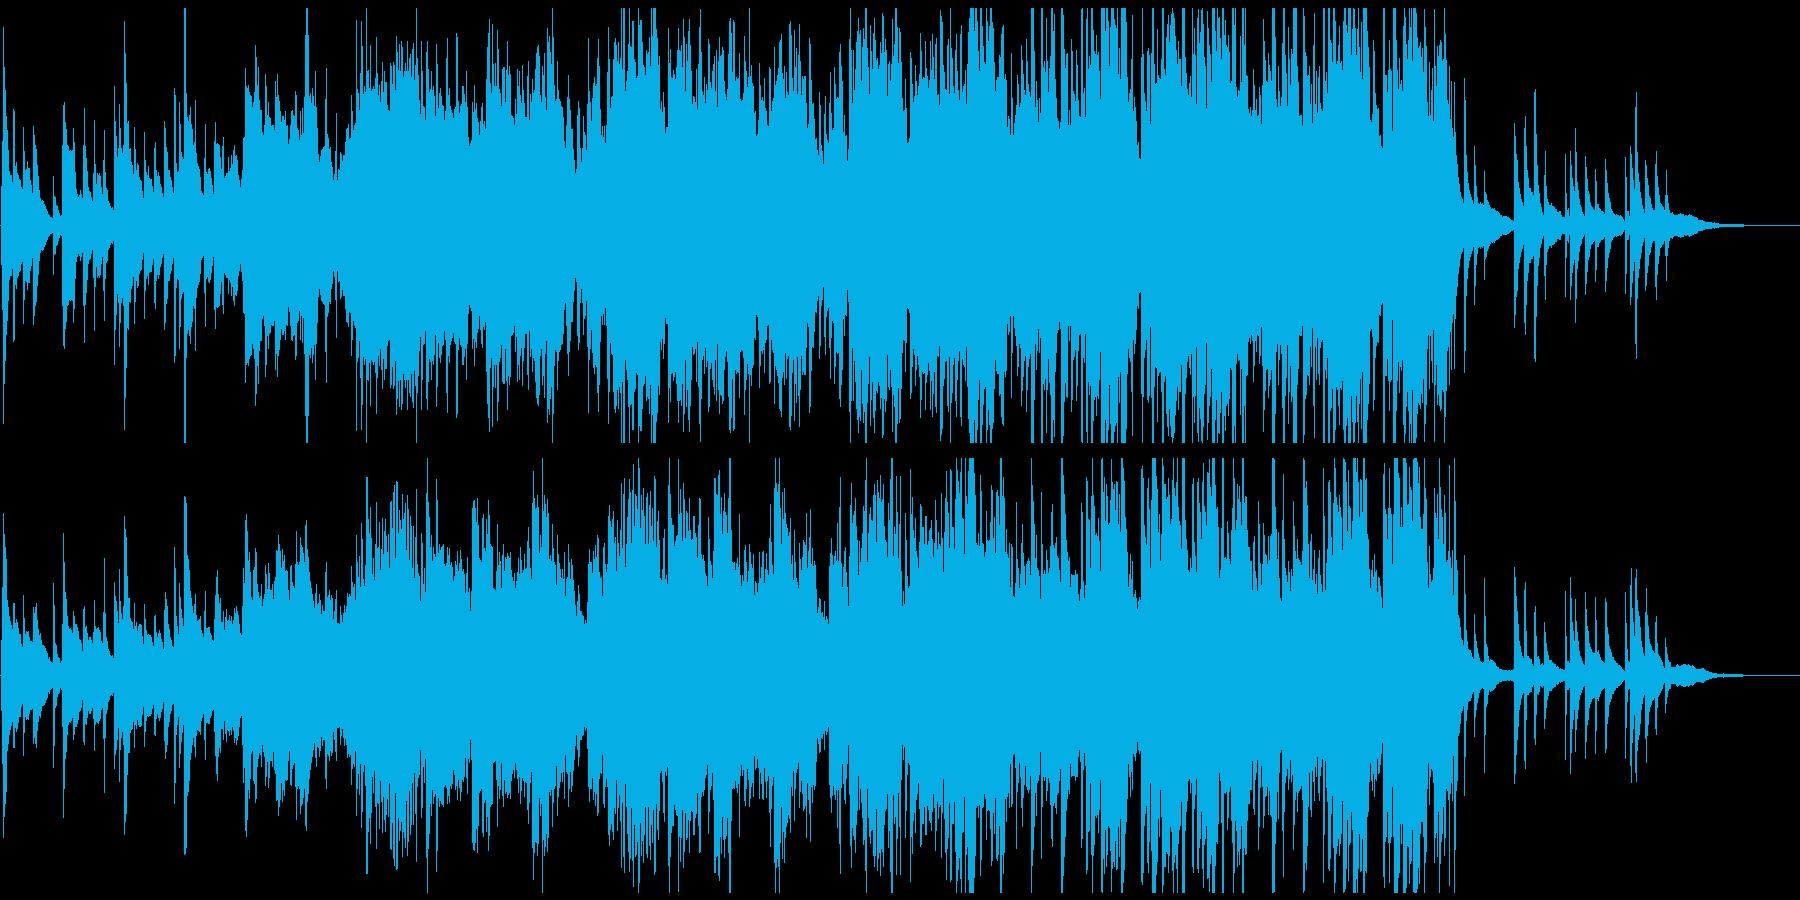 琴と尺八がメインの和風バラードの再生済みの波形